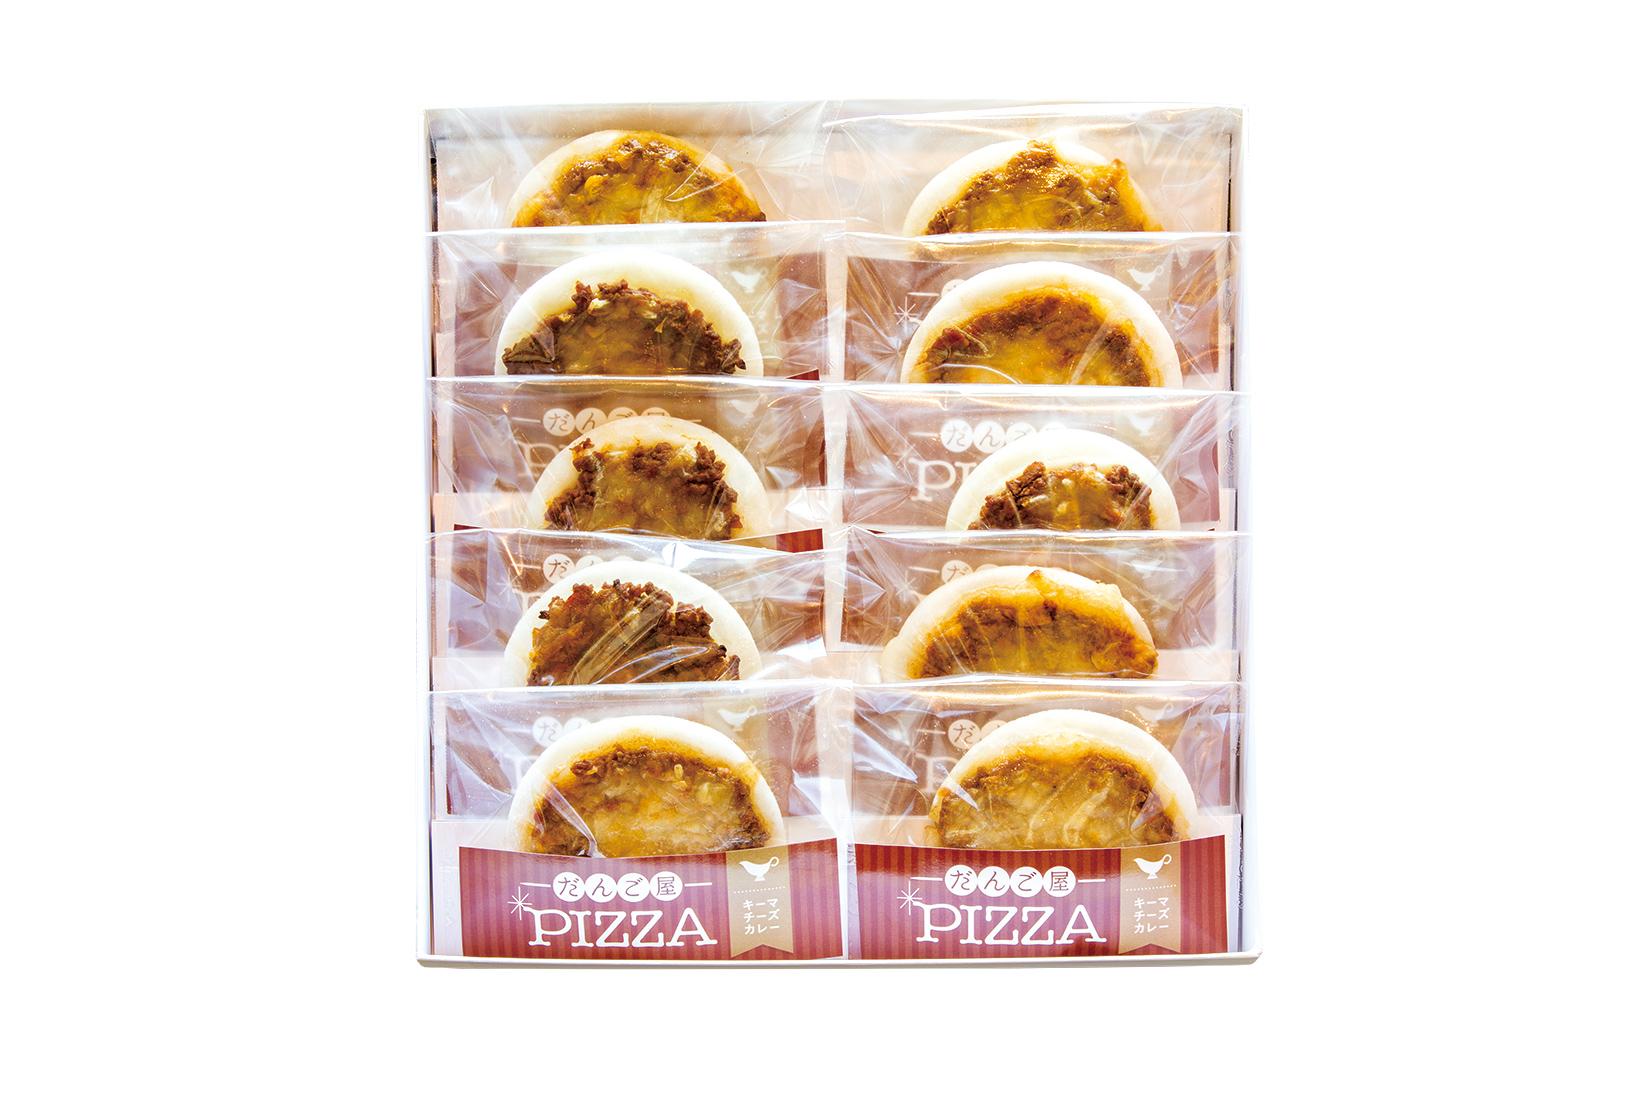 だんご屋PIZZAのキーマチーズカレー味10個入